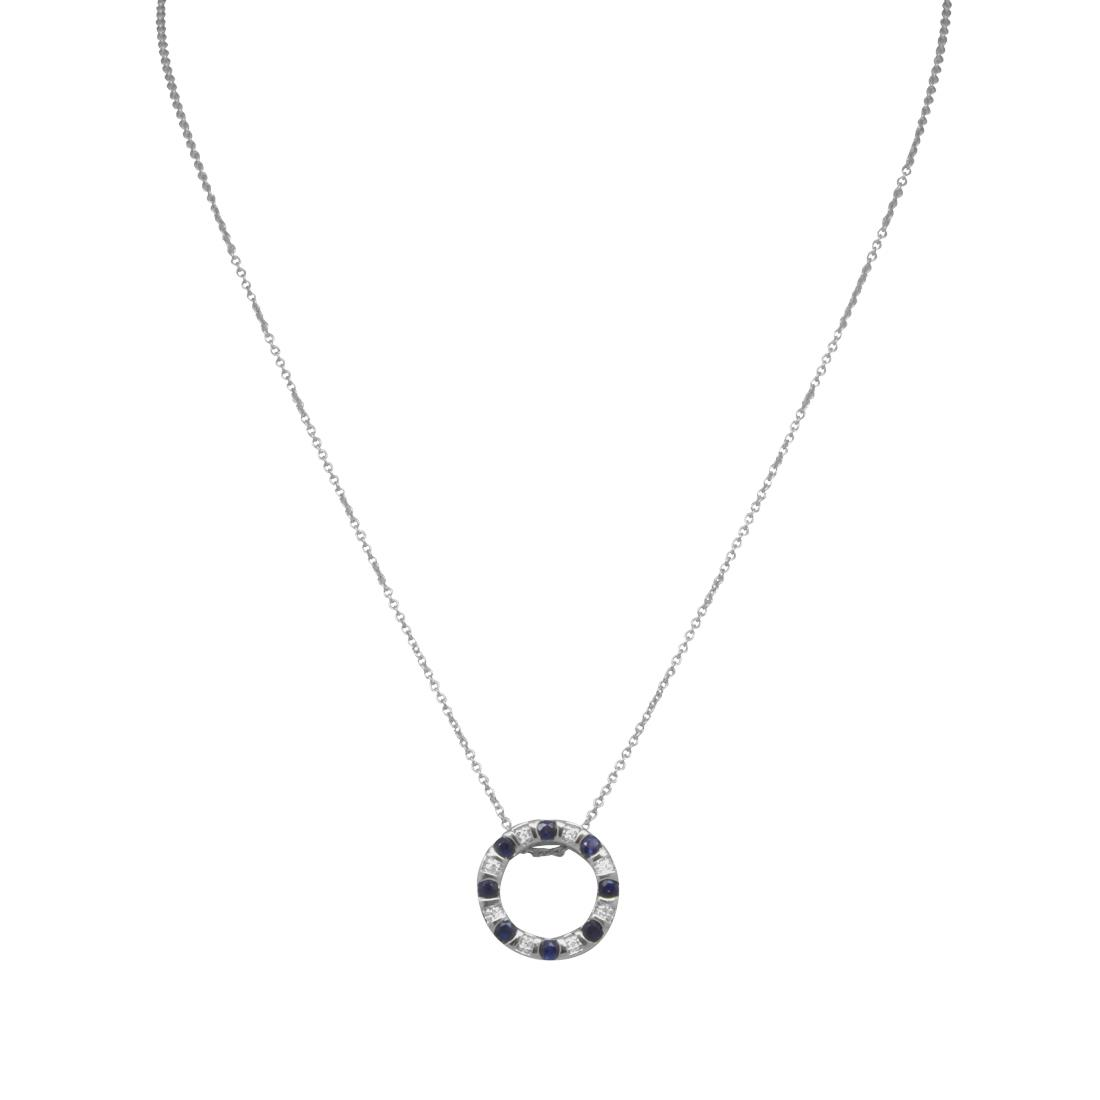 Collana in oro bianco con zaffiri e diamanti - BLISS